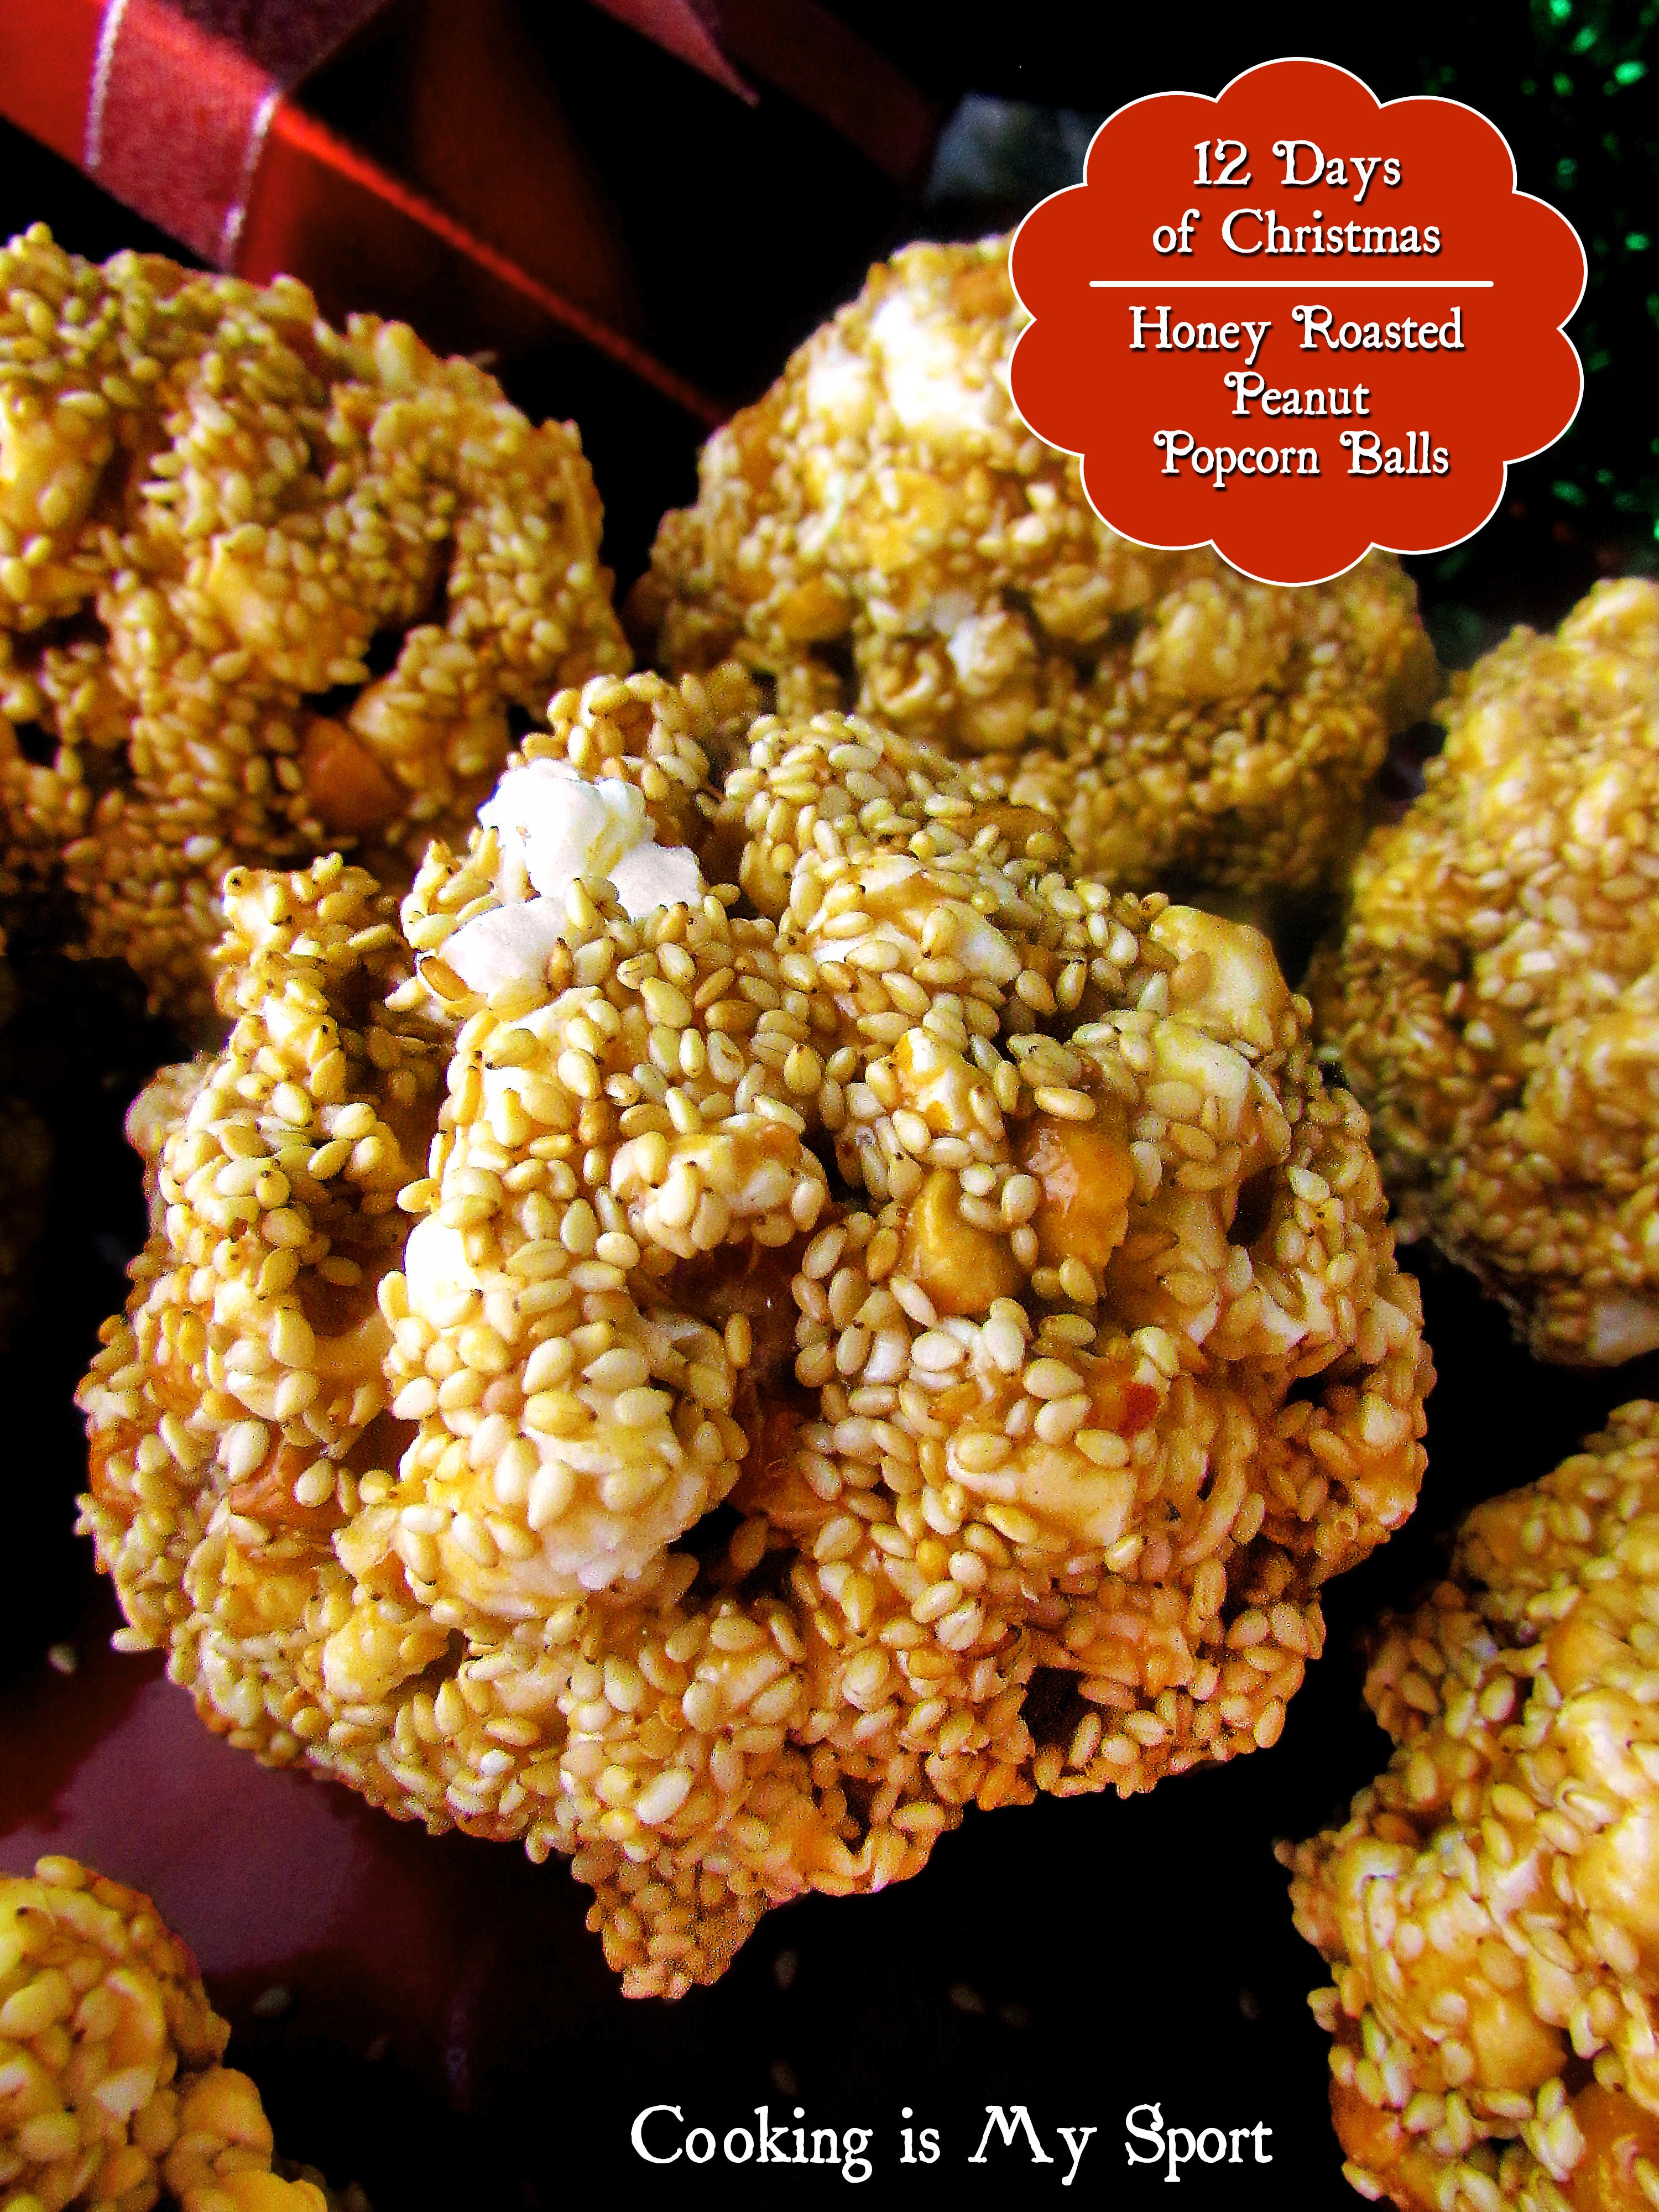 Honey Roasted Peanut Popcorn Balls4